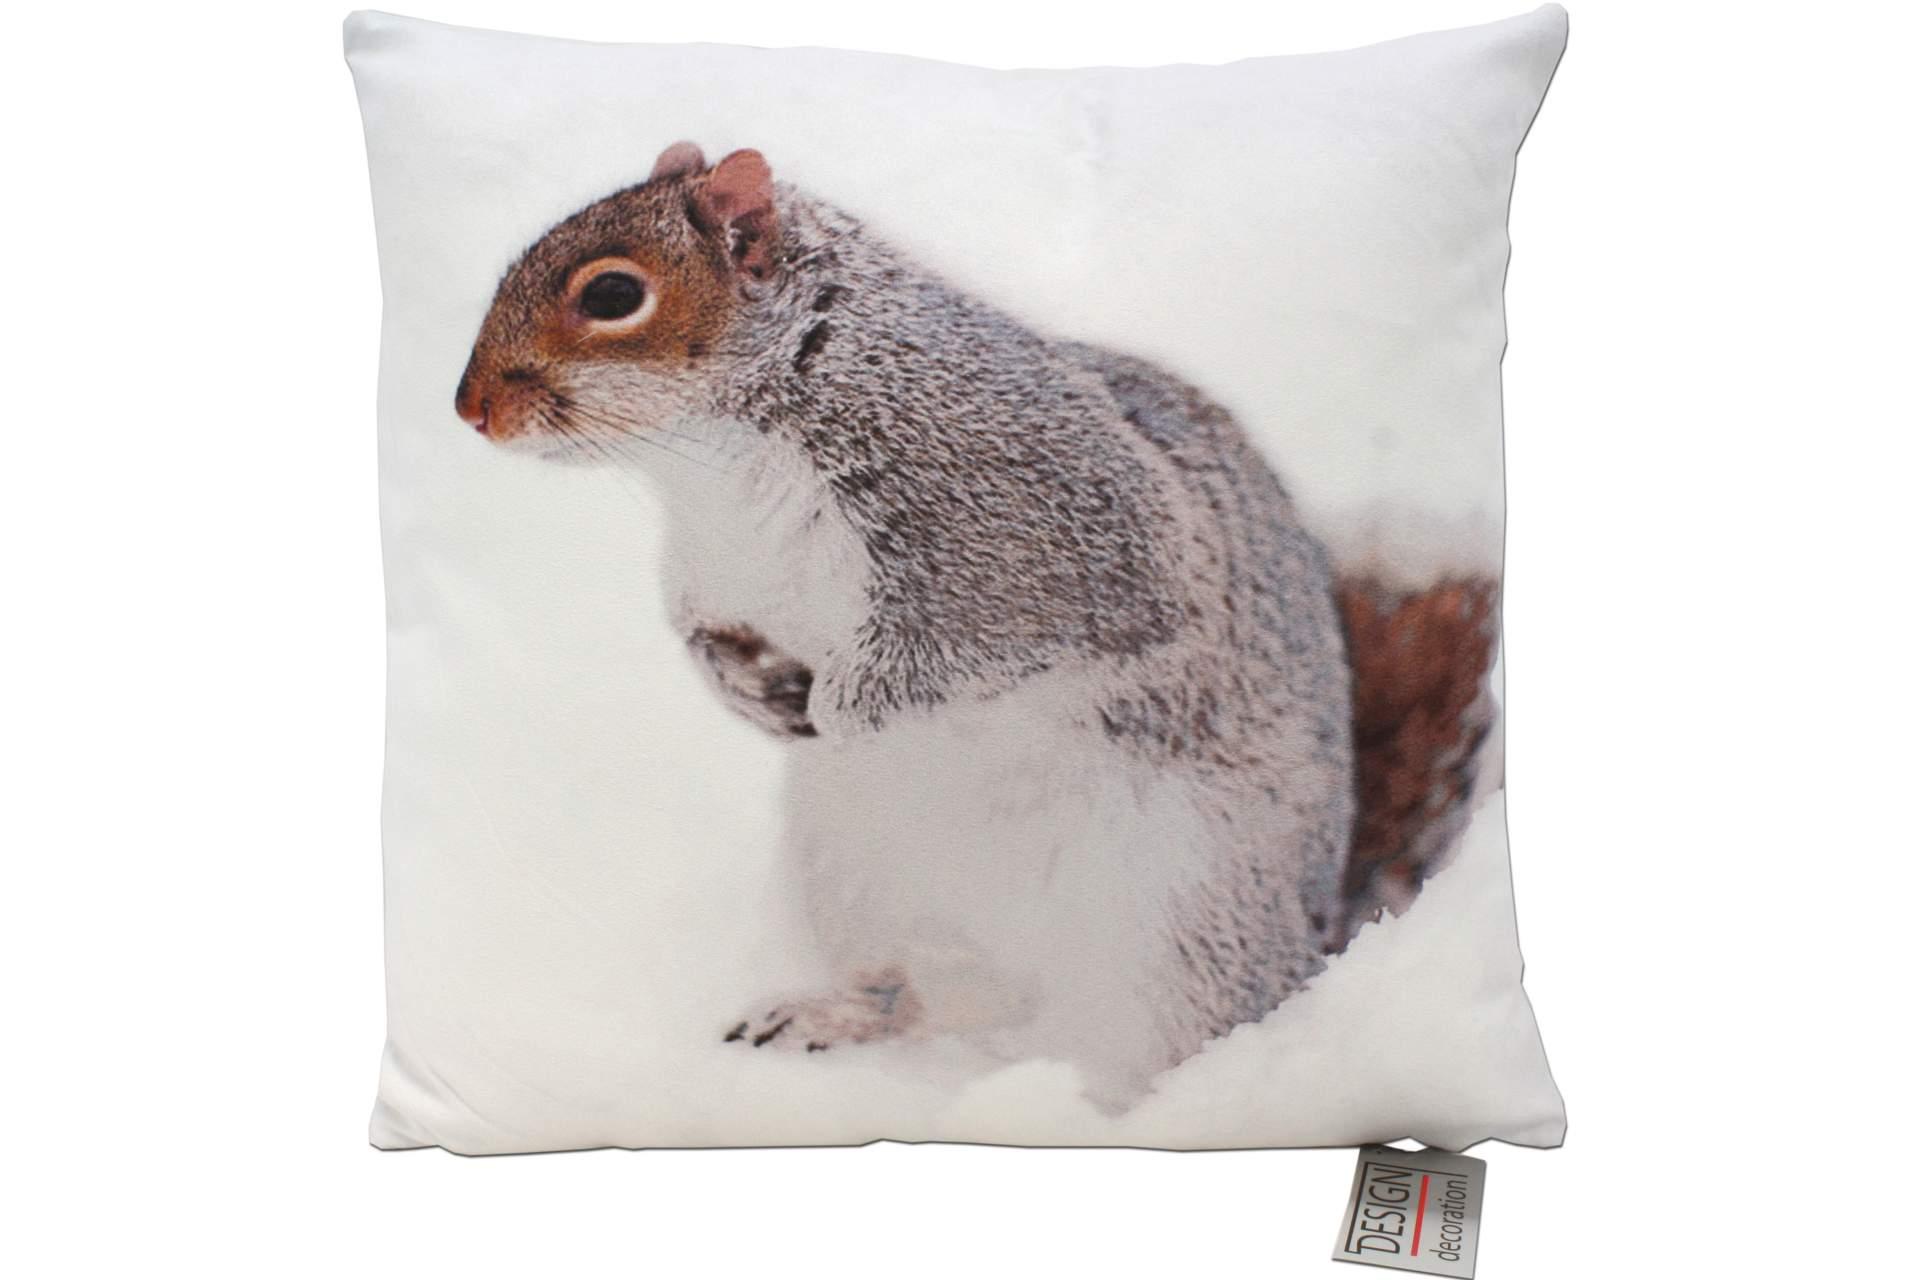 dekokissen fotoprint eichh rnchen 40 x 40 cm herbst tier motiv sofa zier kissen ebay. Black Bedroom Furniture Sets. Home Design Ideas